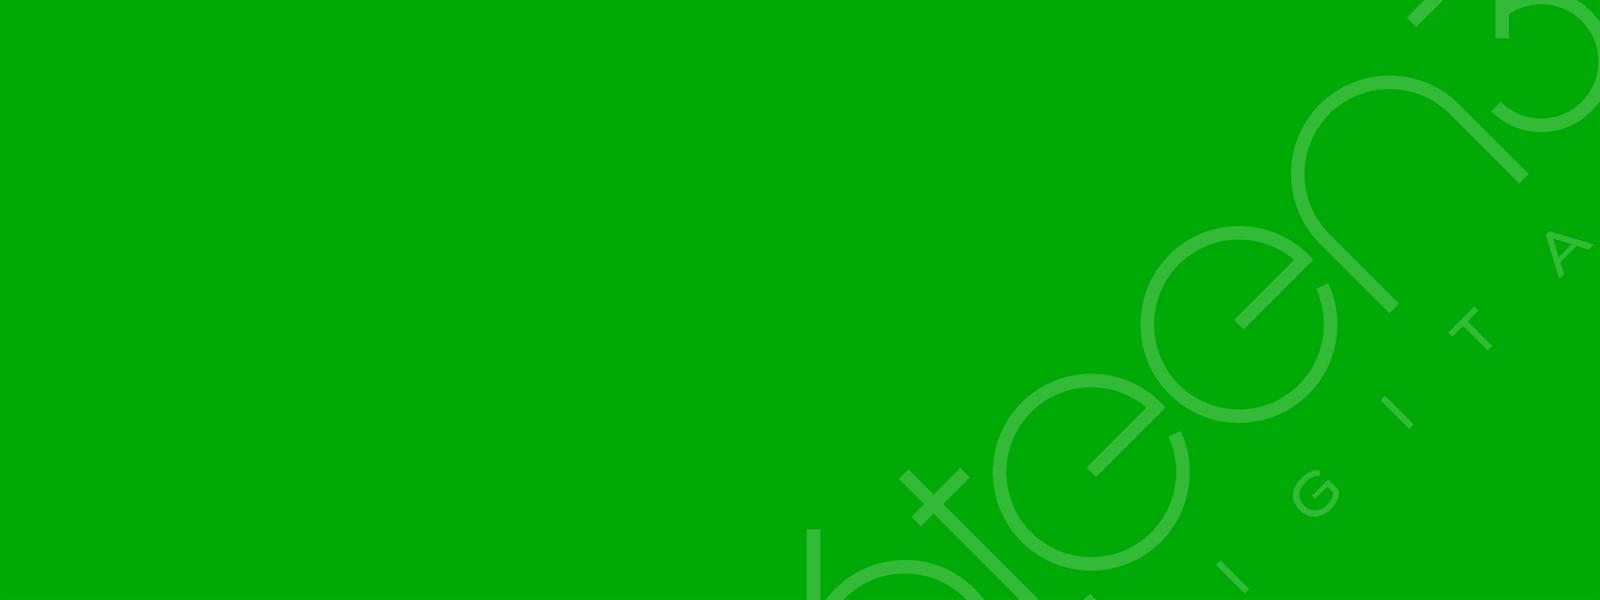 Website Headers_6t30 - Green 7